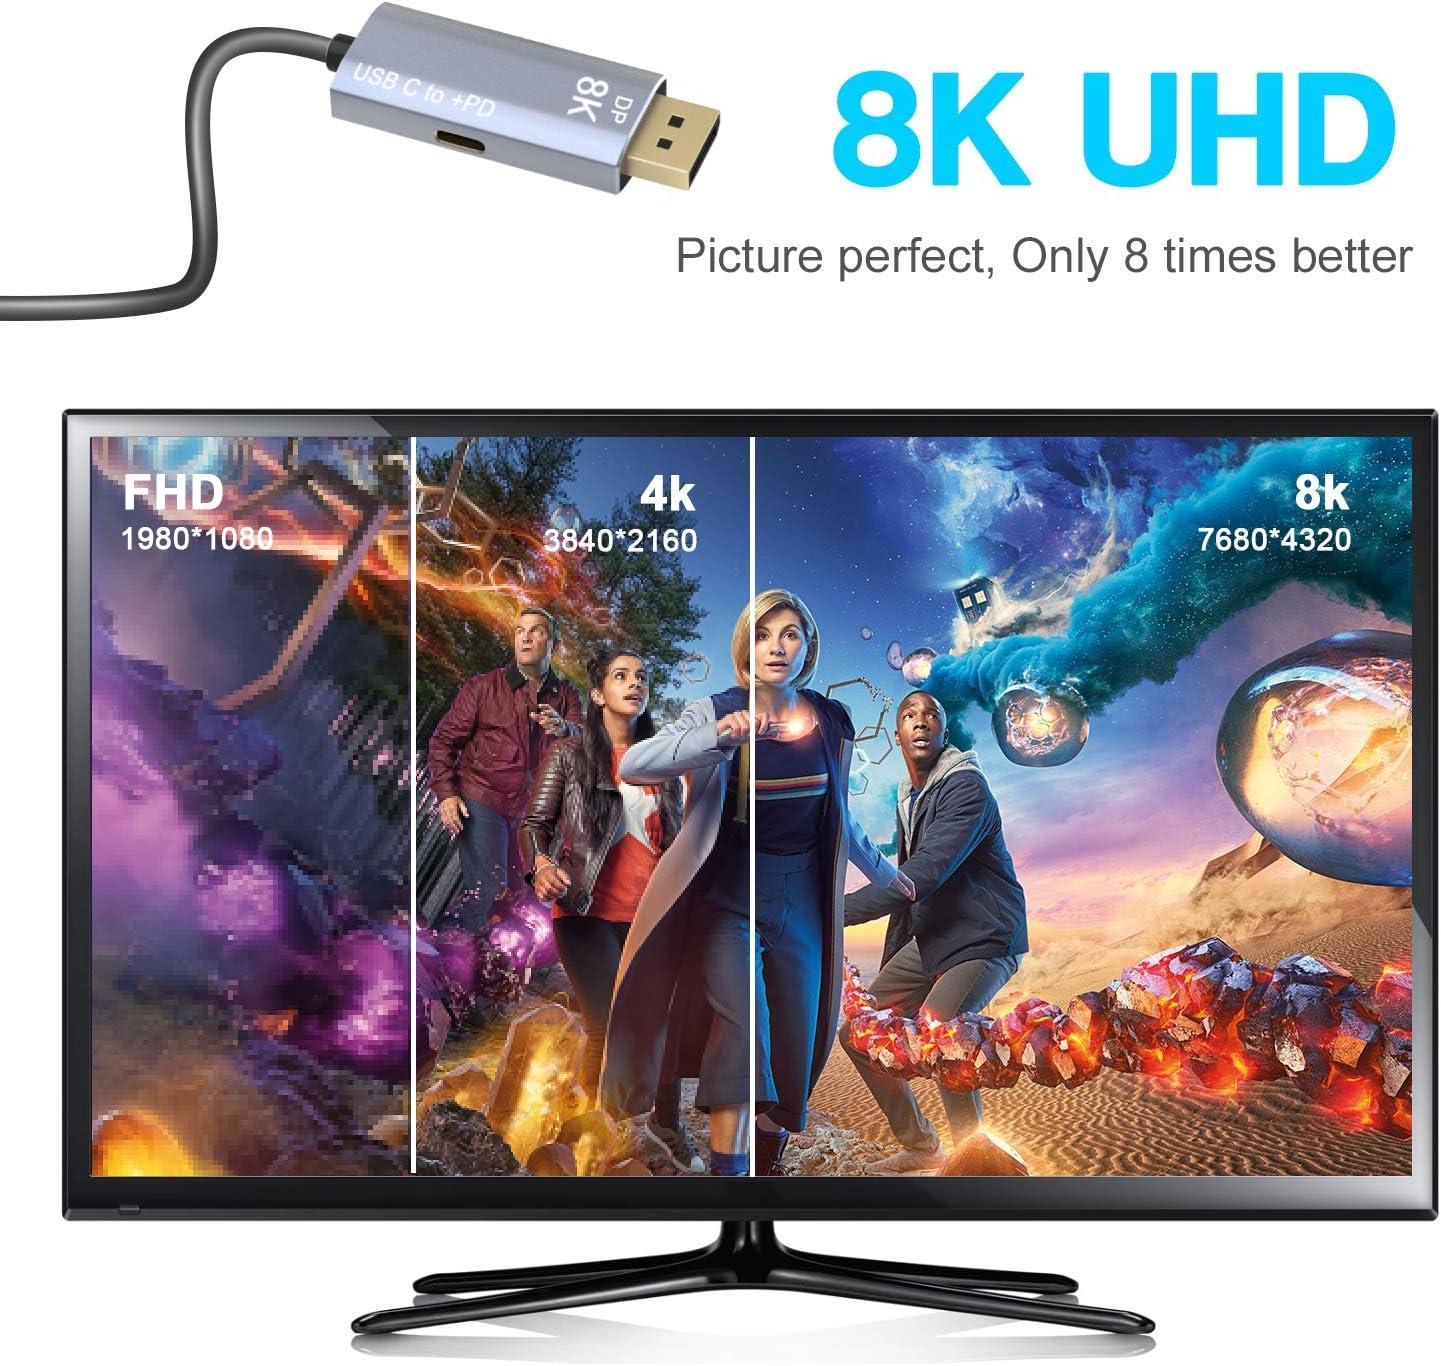 CABLEDECONN USB C a DisplayPort 1.4 Cable 8K con Convertidor USB-C PD 8K@60Hz 4K@144Hz Adaptador Thunderbolt 3 a DisplayPort Compatible con el Nuevo MacBook Pro 2019 2020 2M: Amazon.es: Electrónica